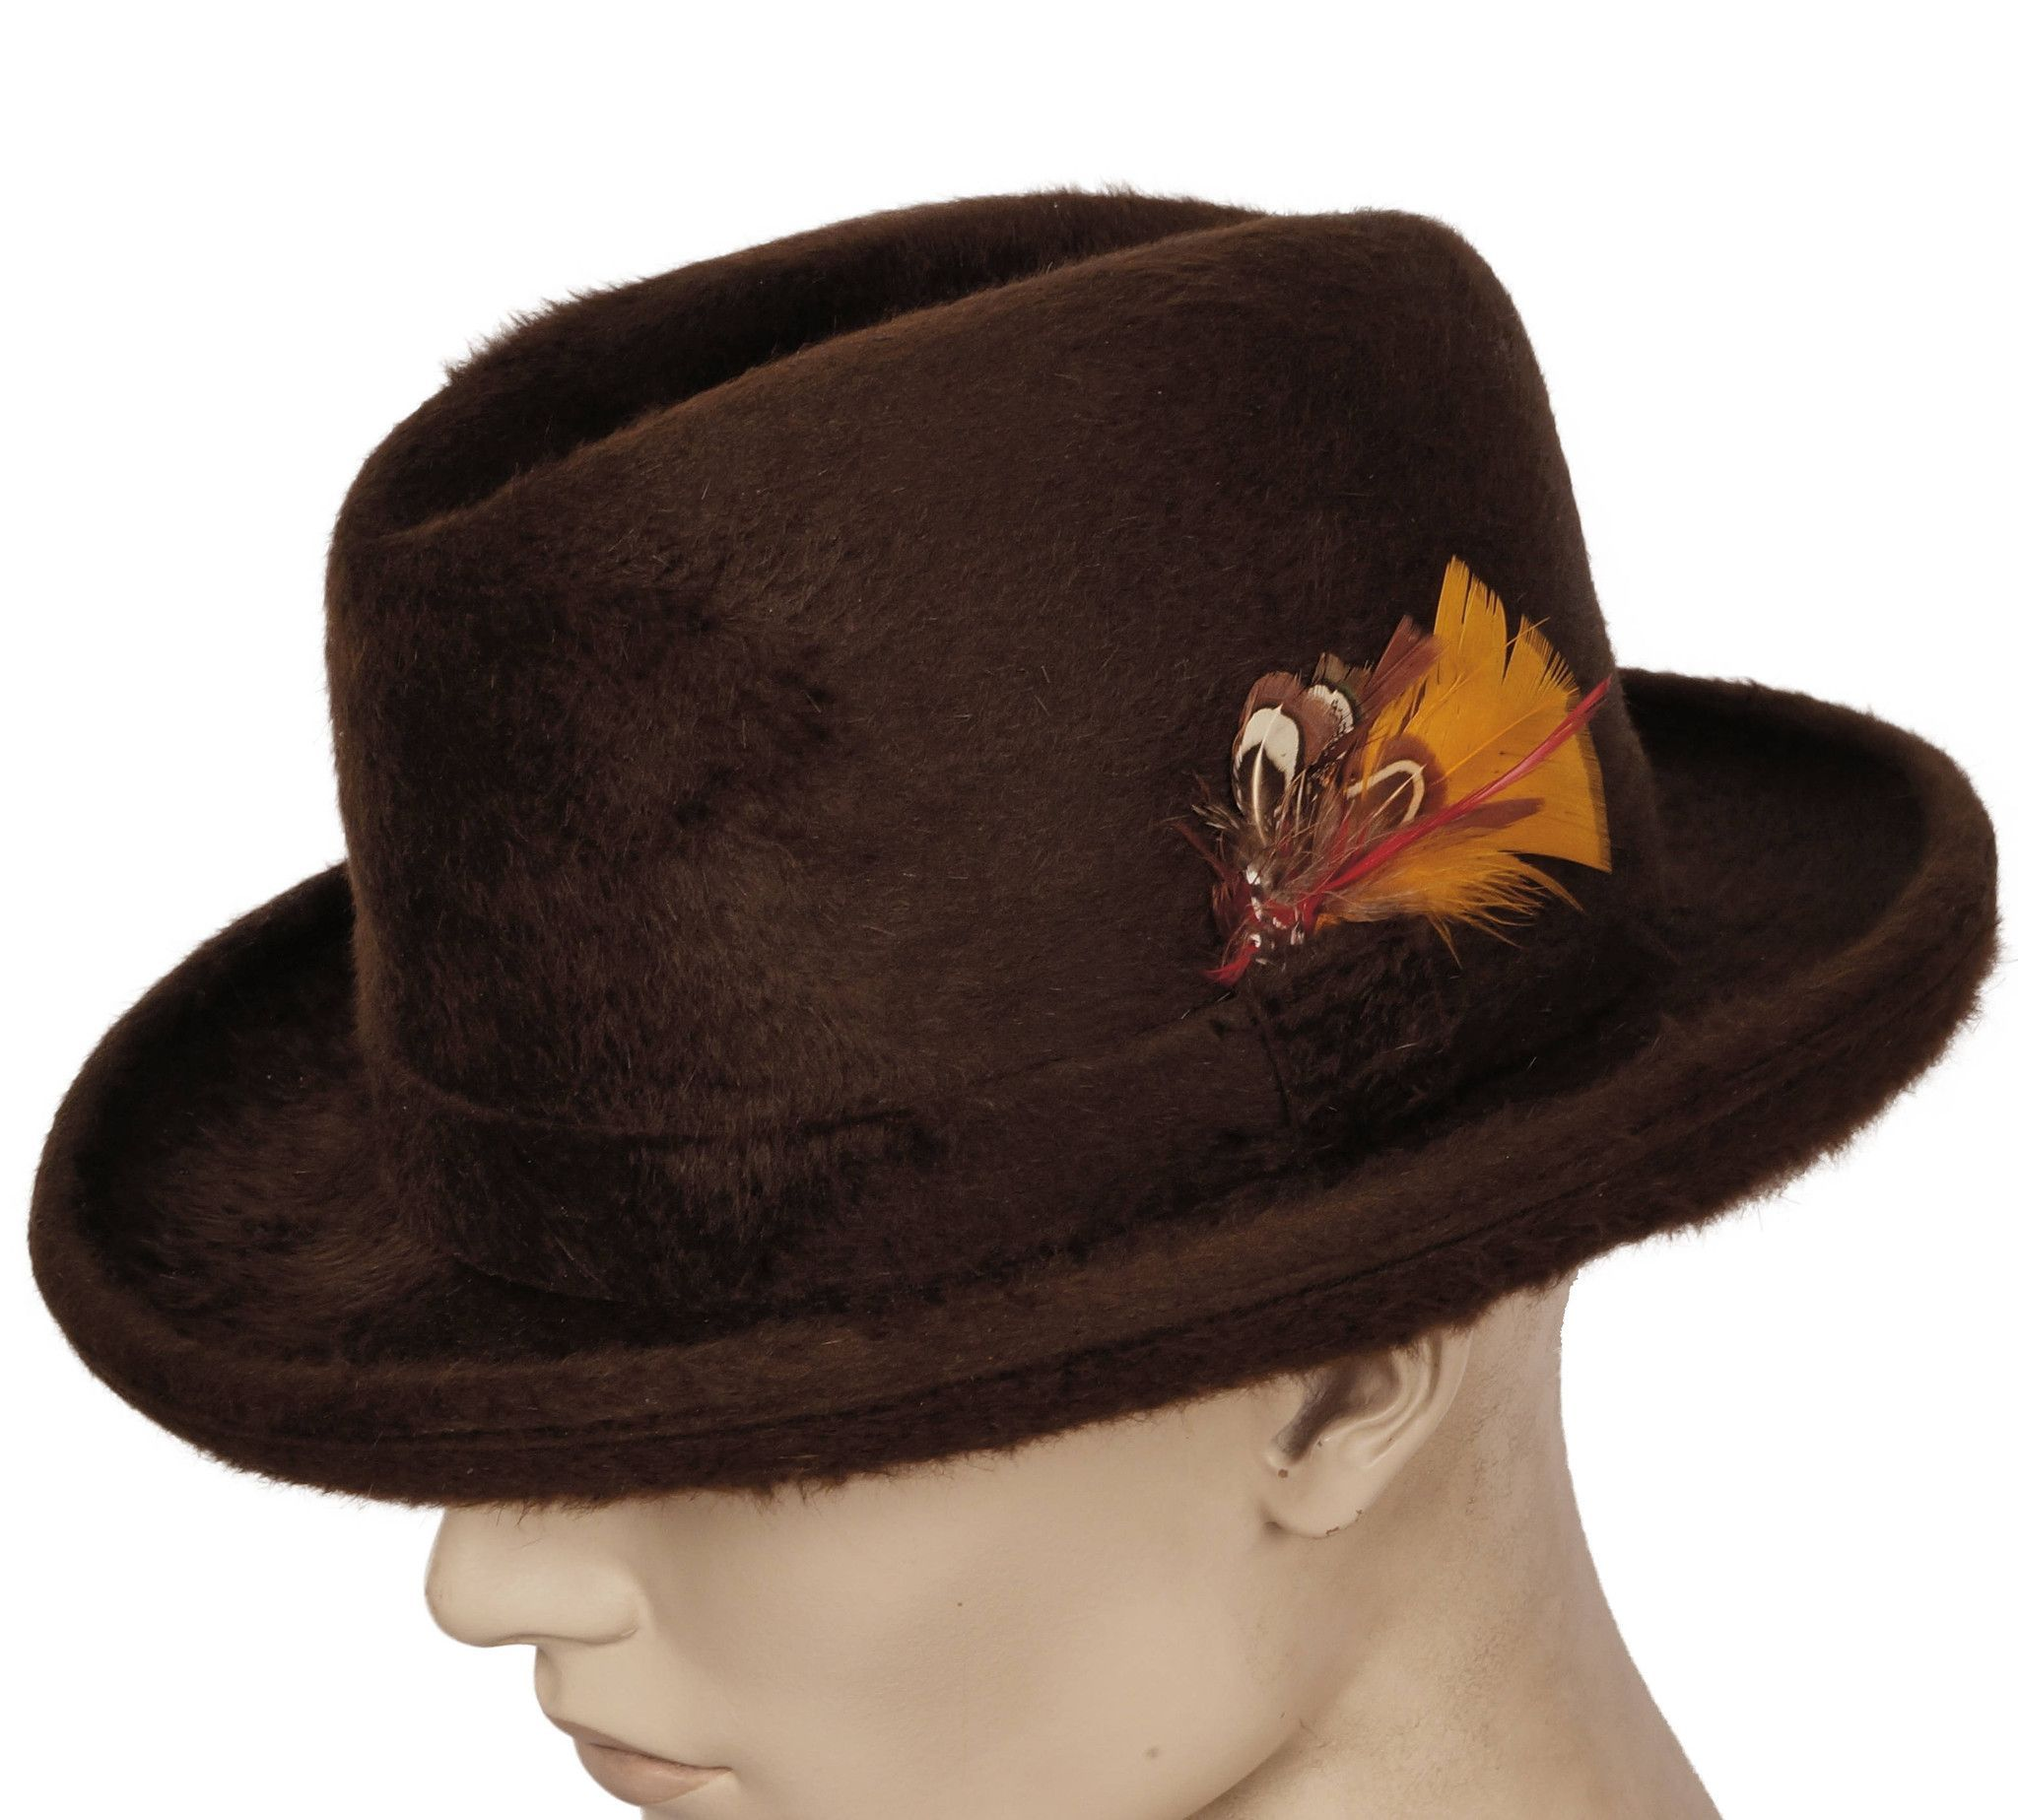 69e06e3d3d2 Vintage Biltmore Luxuro Fedora Hat Plush Fur Felt Homberg Stetson Size 7 3 8